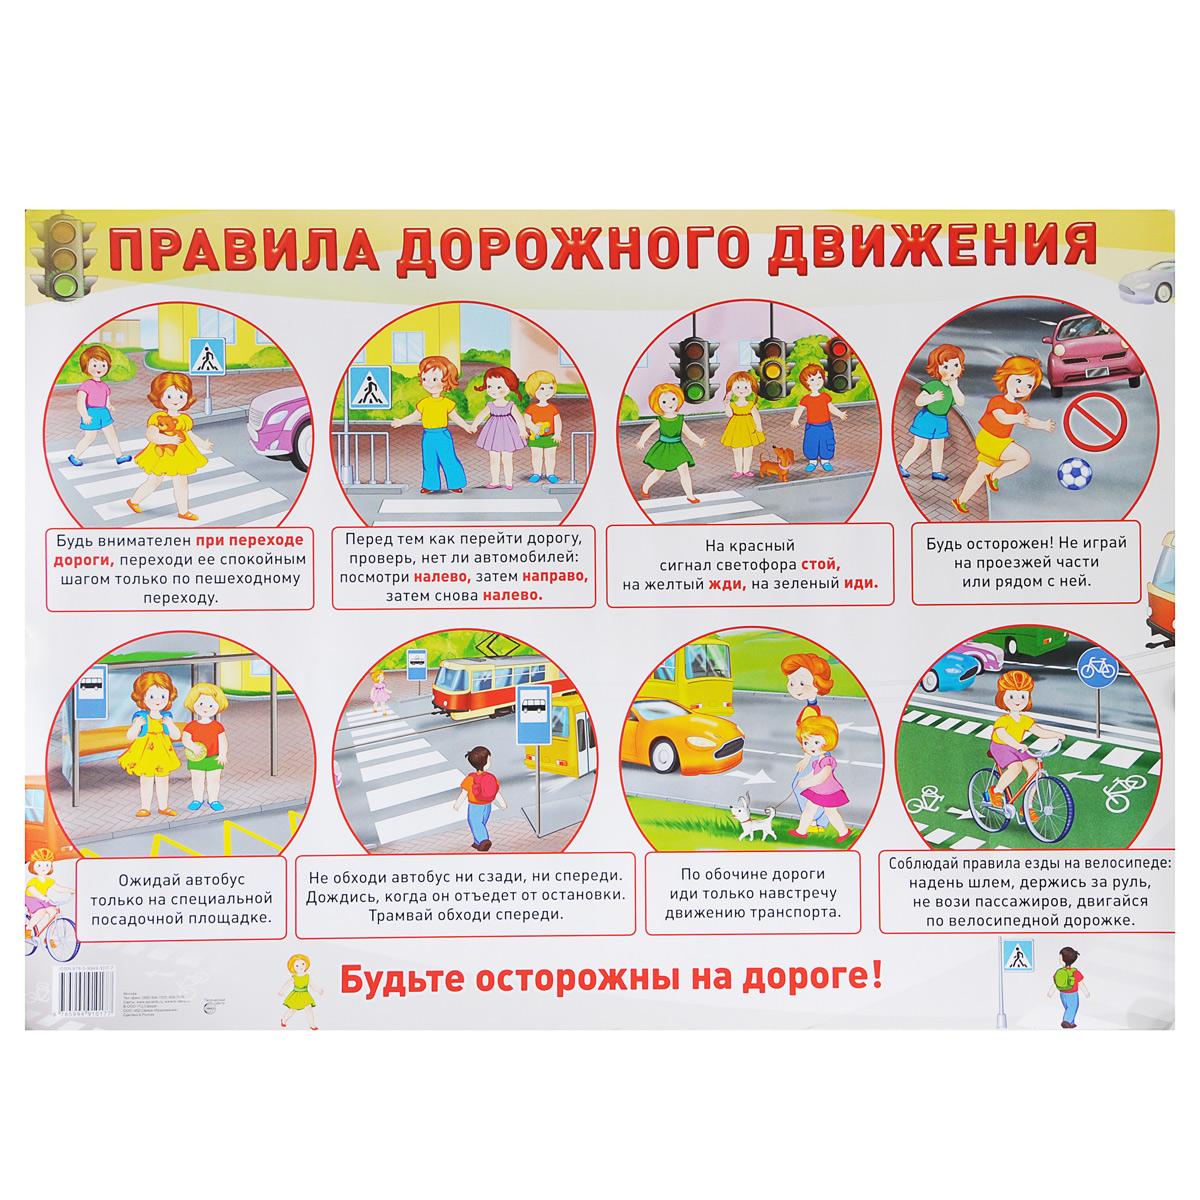 Правила дорожного движения. Плакат плакаты и макеты по правилам дорожного движения где купить в спб